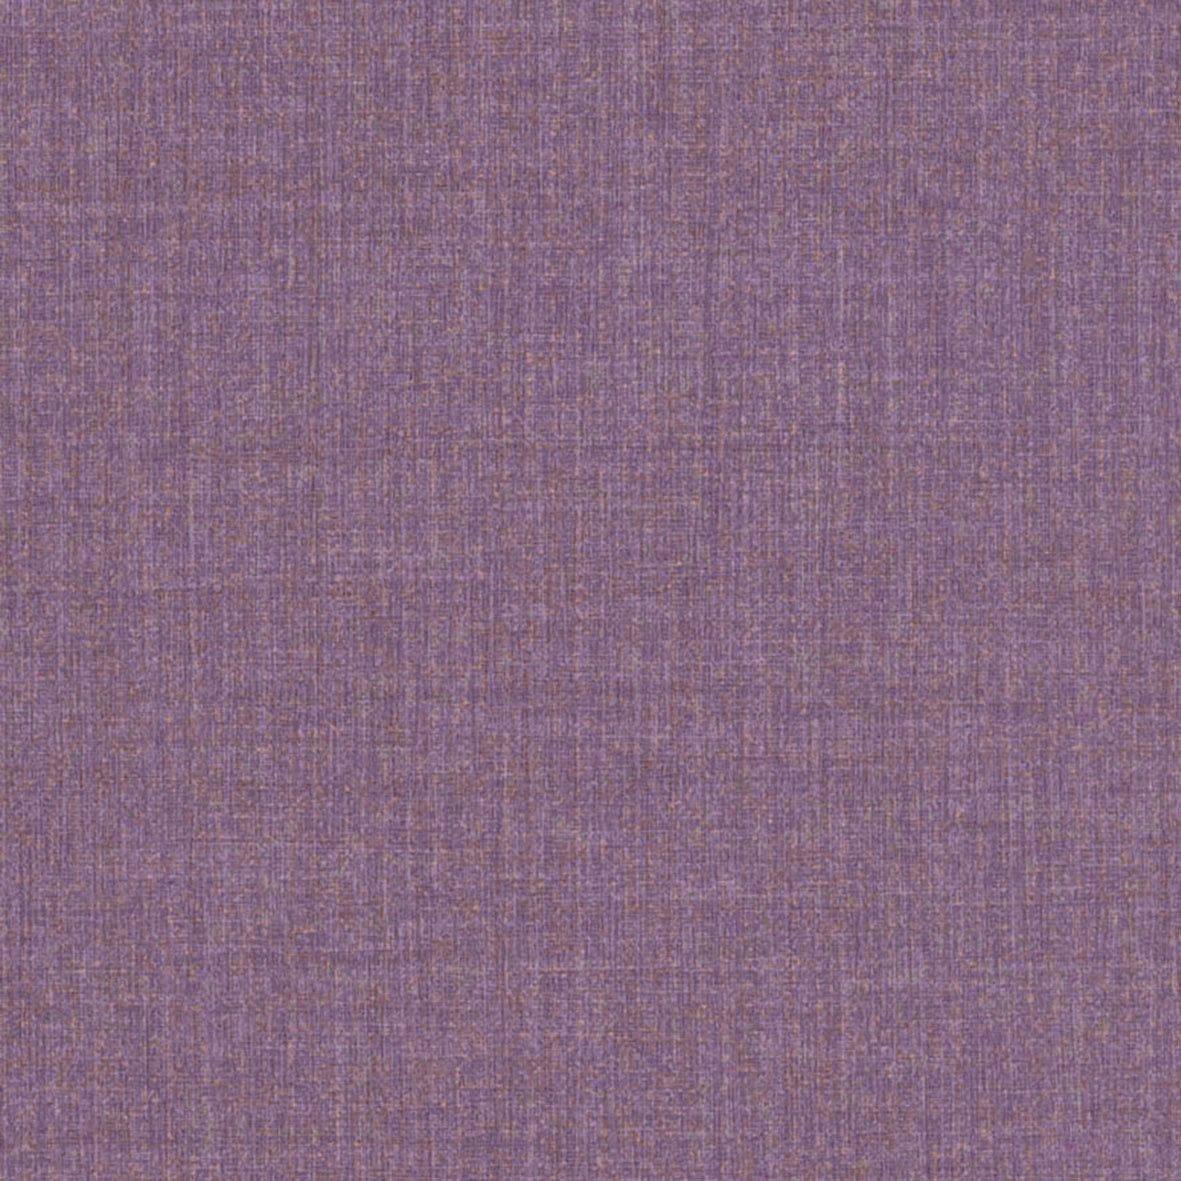 リリカラ 壁紙45m ナチュラル 織物調 ブラウン LL-8546 B01MSILNTW 45m|ブラウン2